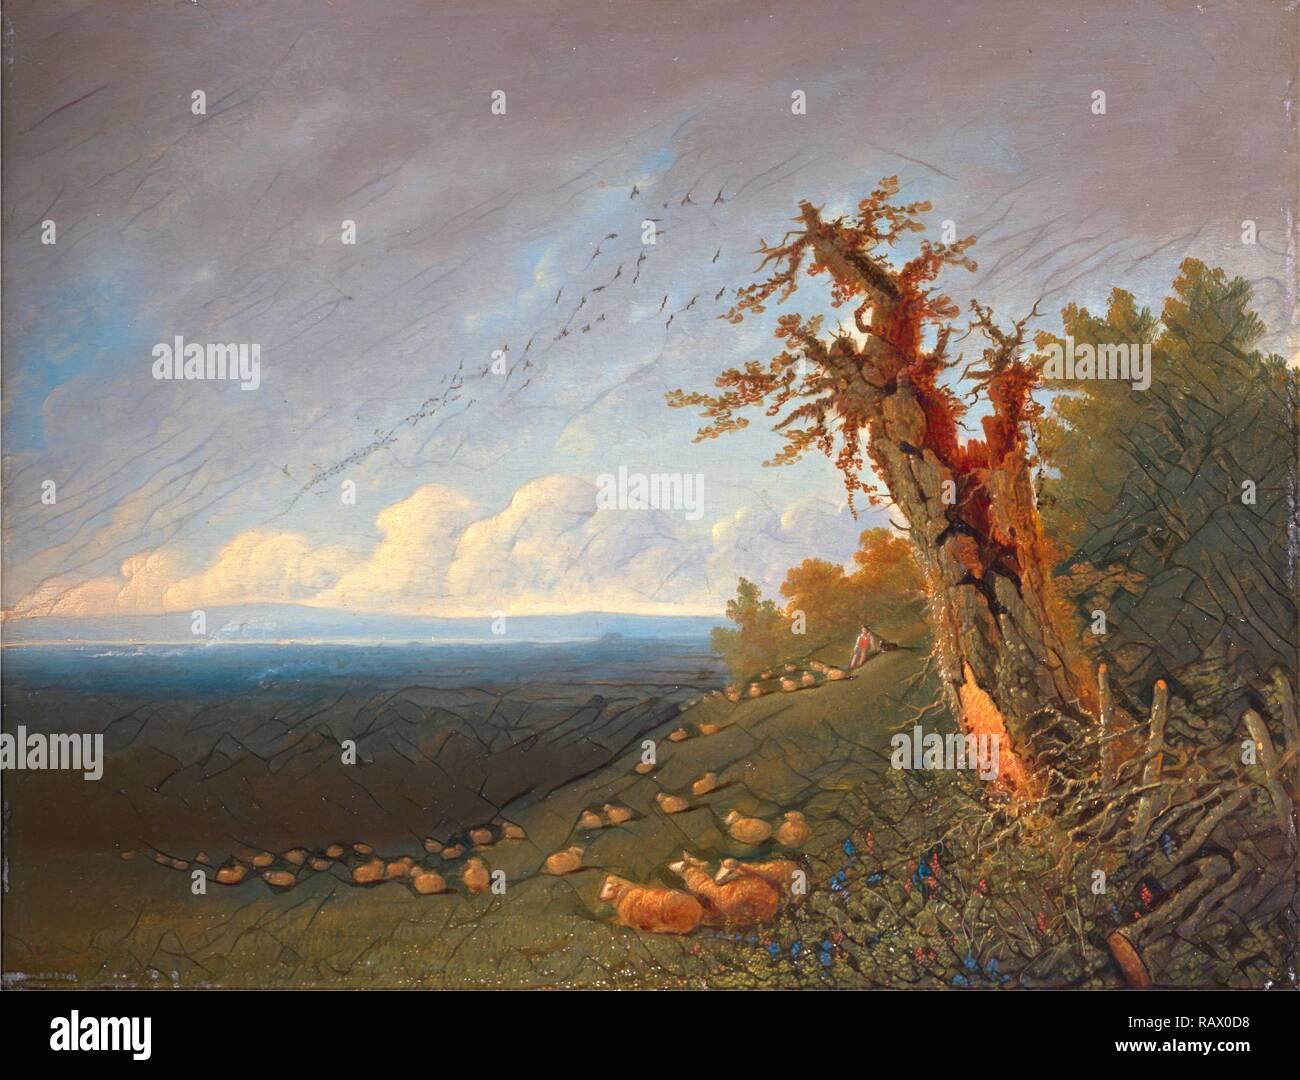 Pastorello sul pendio di una collina, William Turner di Oxford, 1789-1862, British. Reinventato da Gibon. Arte Classica con un reinventato Immagini Stock